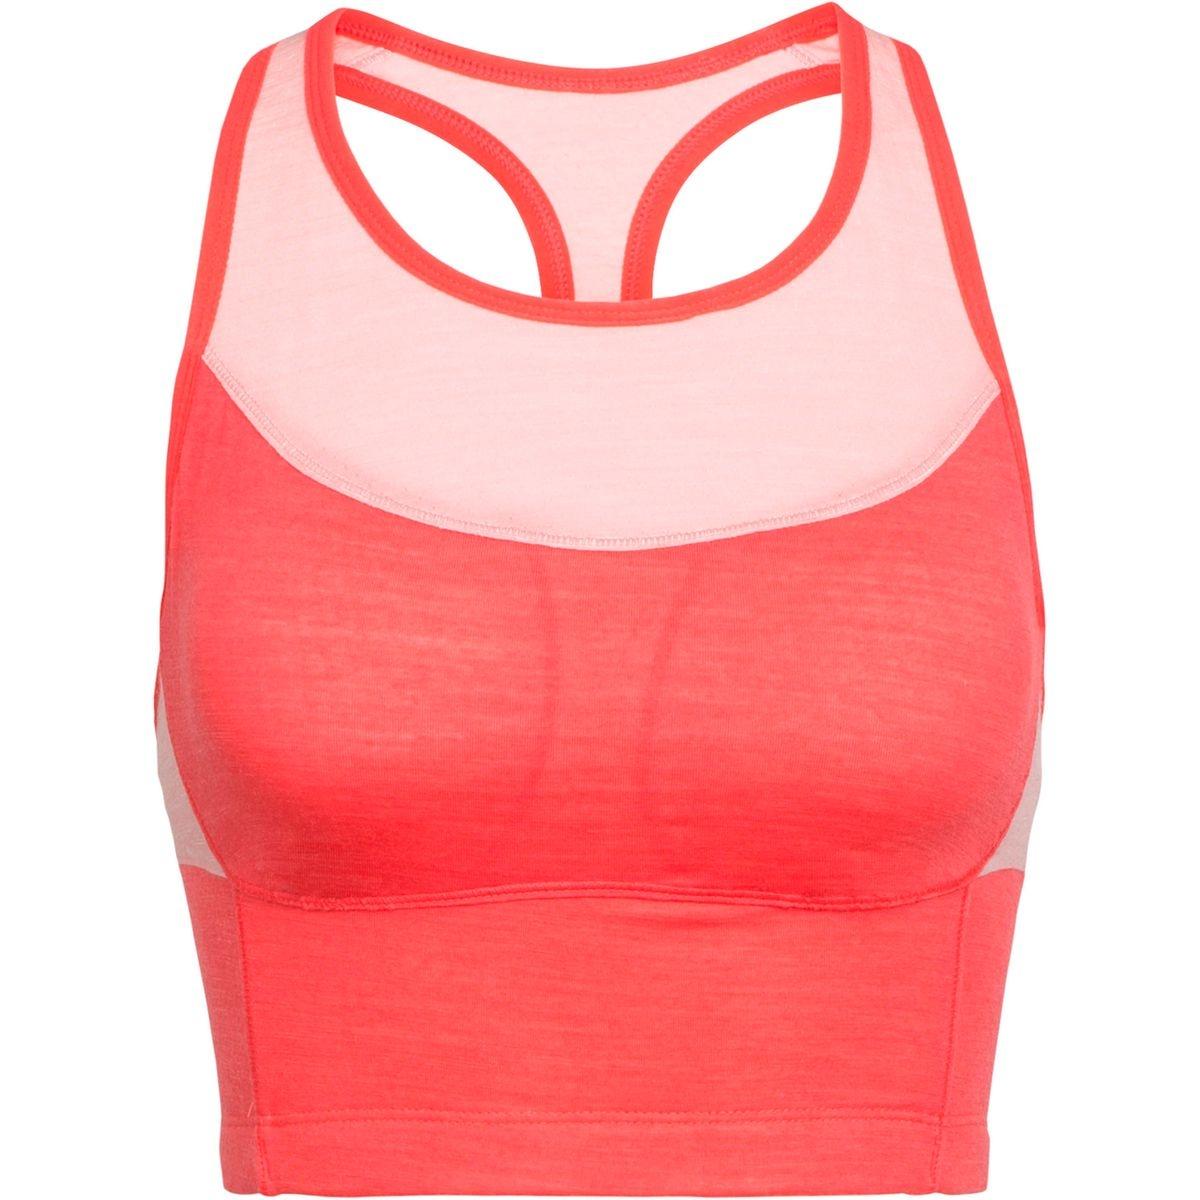 Meld Zone - Brassière de sport Femme - rouge